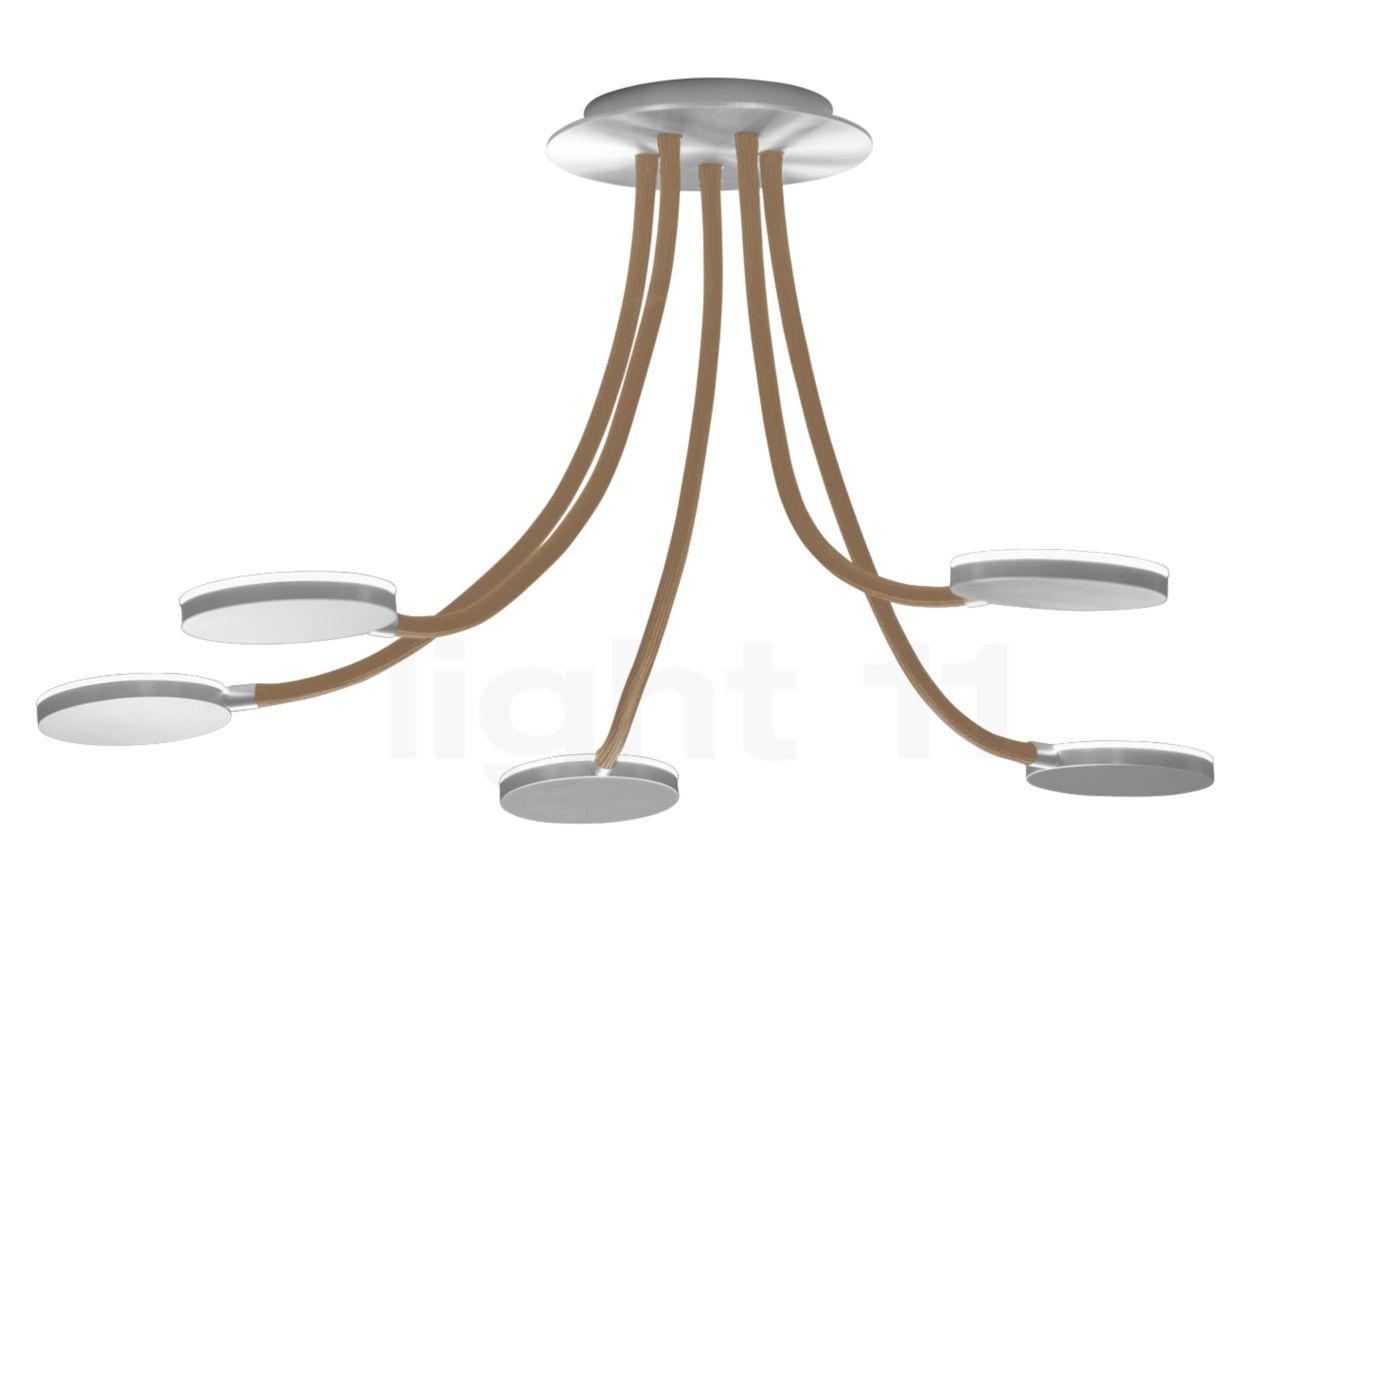 Holtktter flex d5 ceiling light led decentralised ceiling lights arubaitofo Image collections